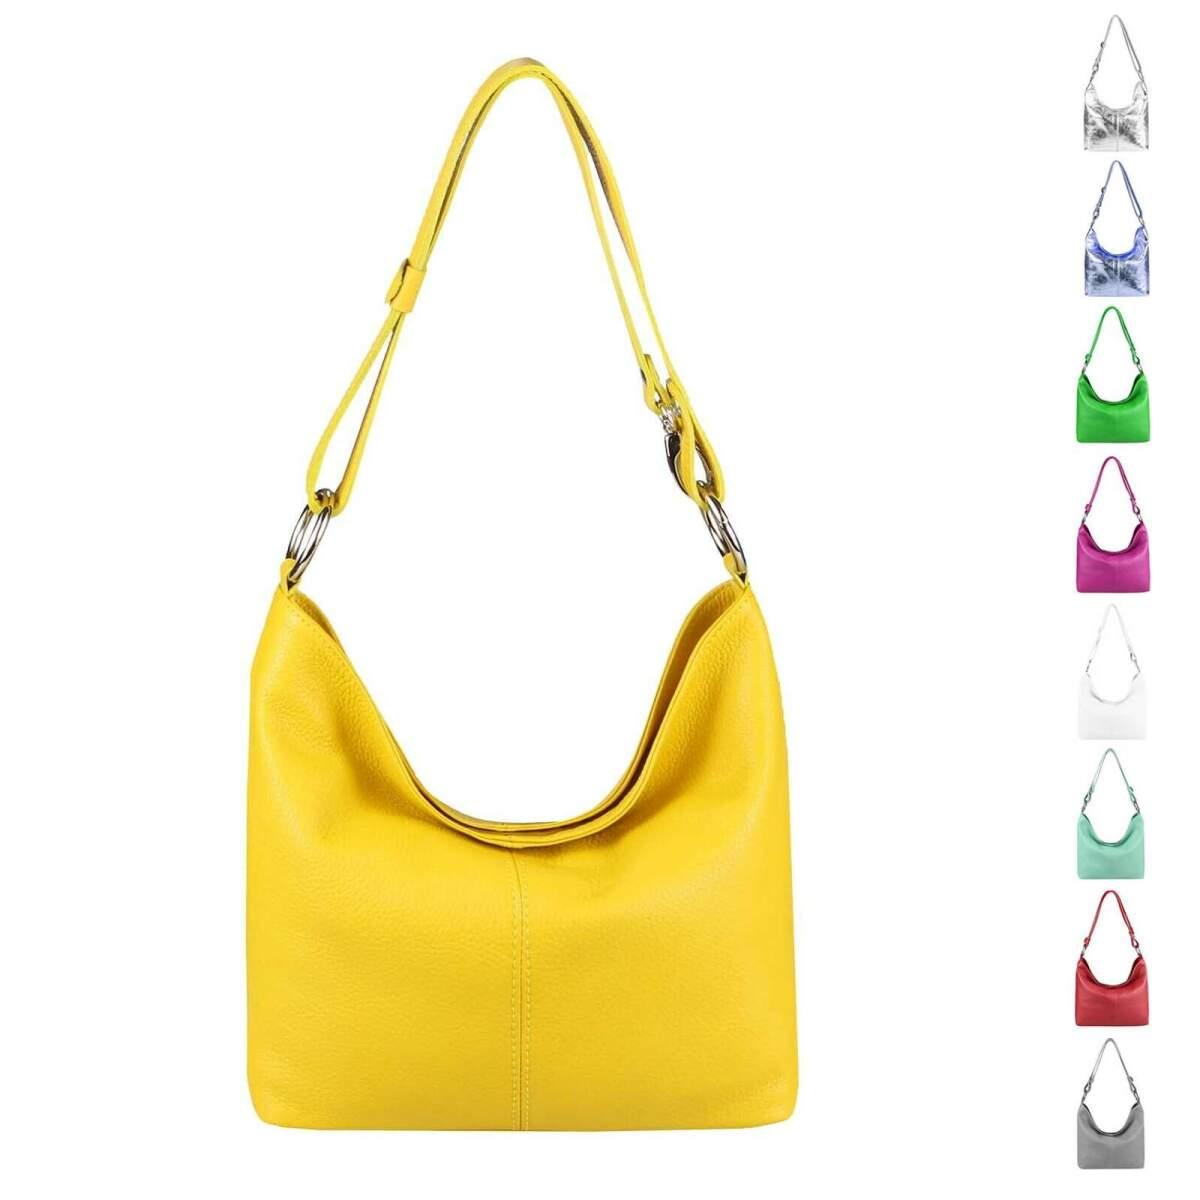 e10ec7d423d8d Made in Italy echt Leder Metallic Damen Tasche Shopper Hobo-Bags  Schultertasche Umhängetasche Handtasche Ledertasche Silber